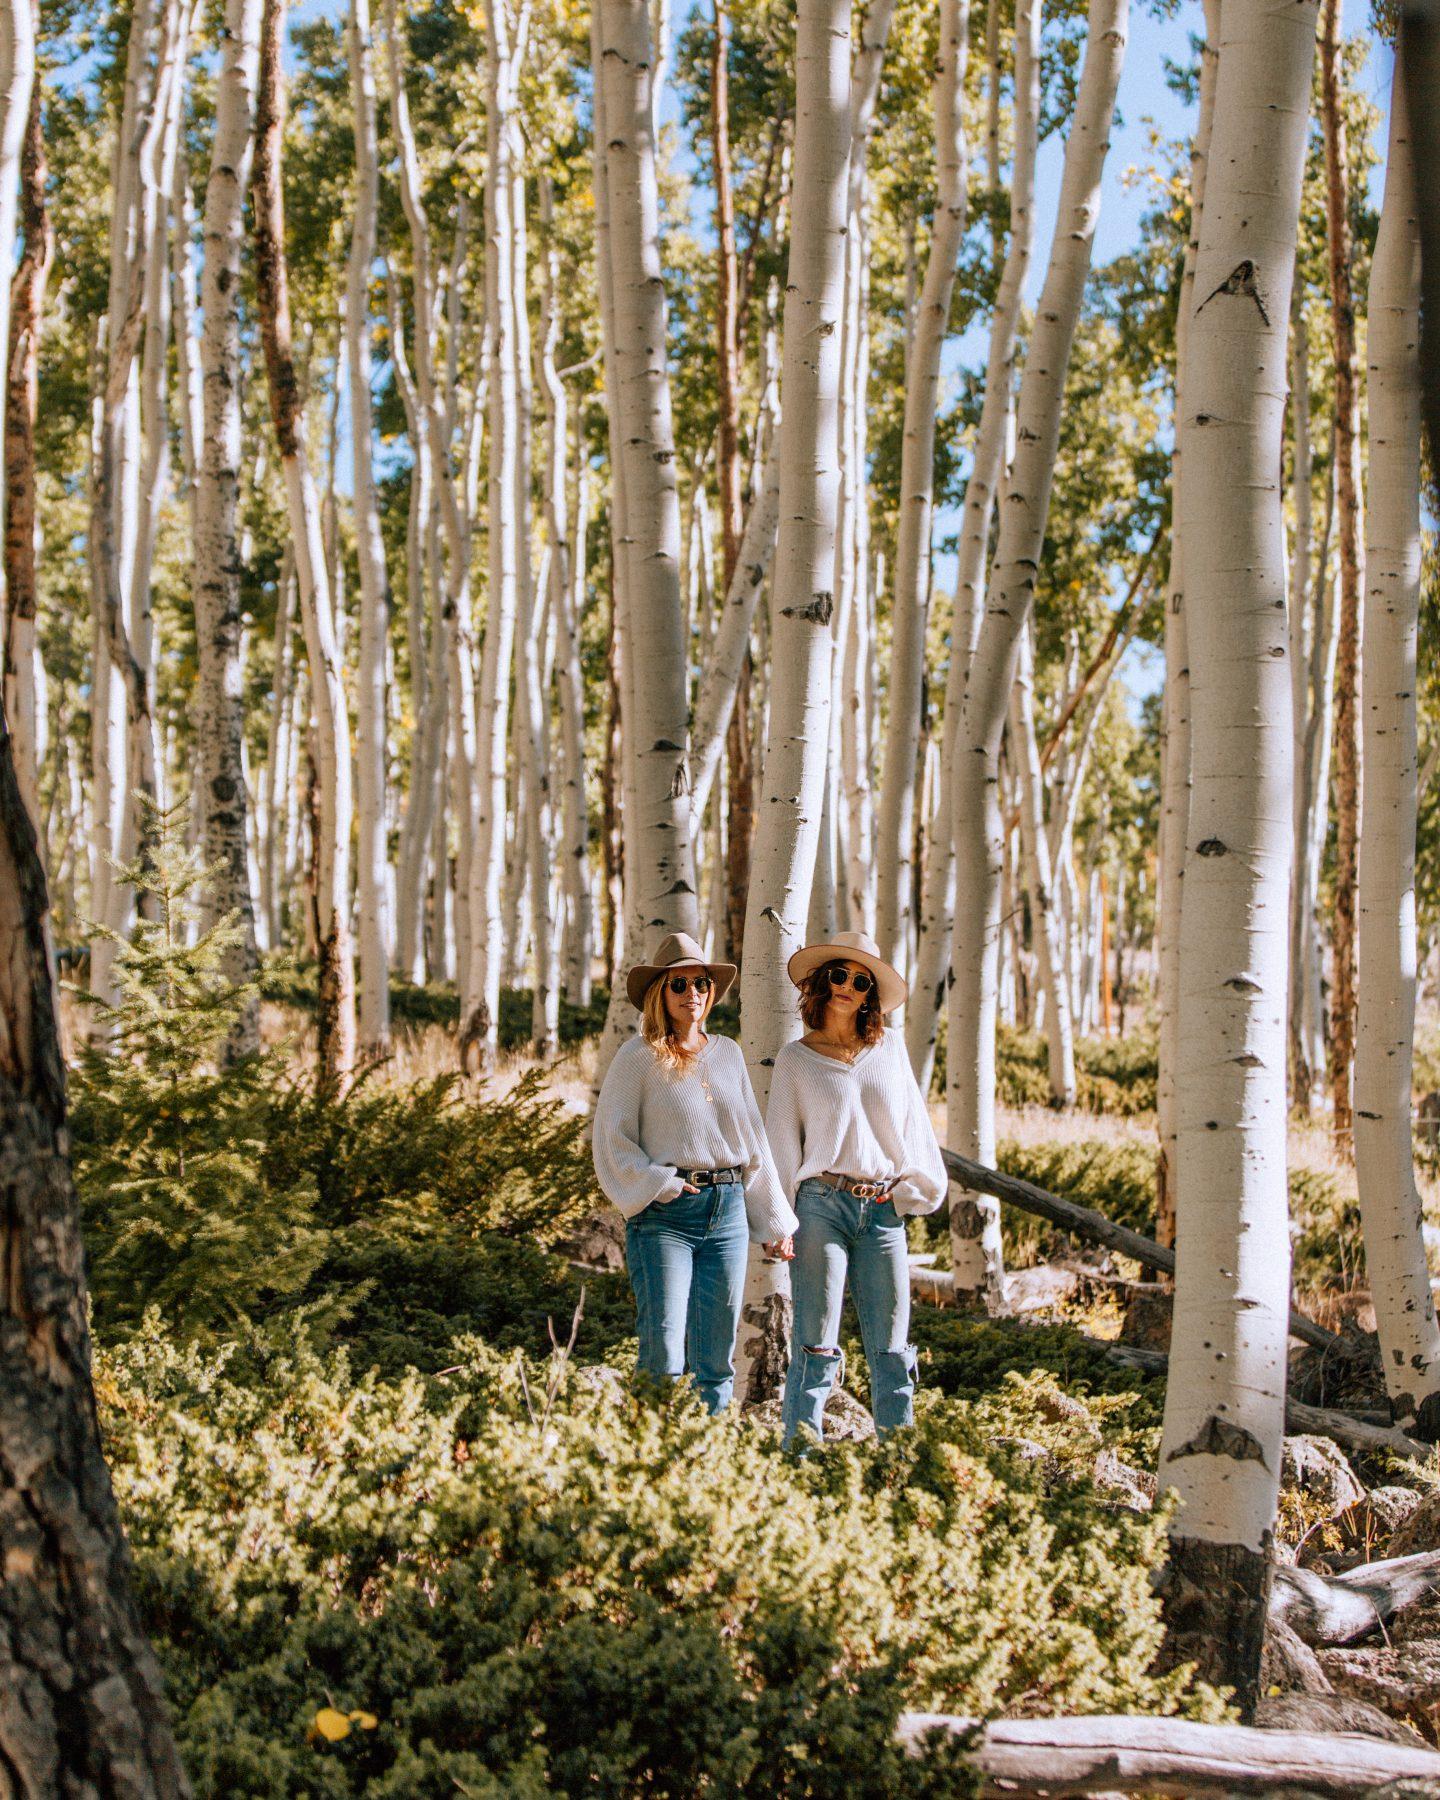 Lisa Homsy and Mel Vandersluis in the Pando Aspen grove in Fishlake National Forest in Utah